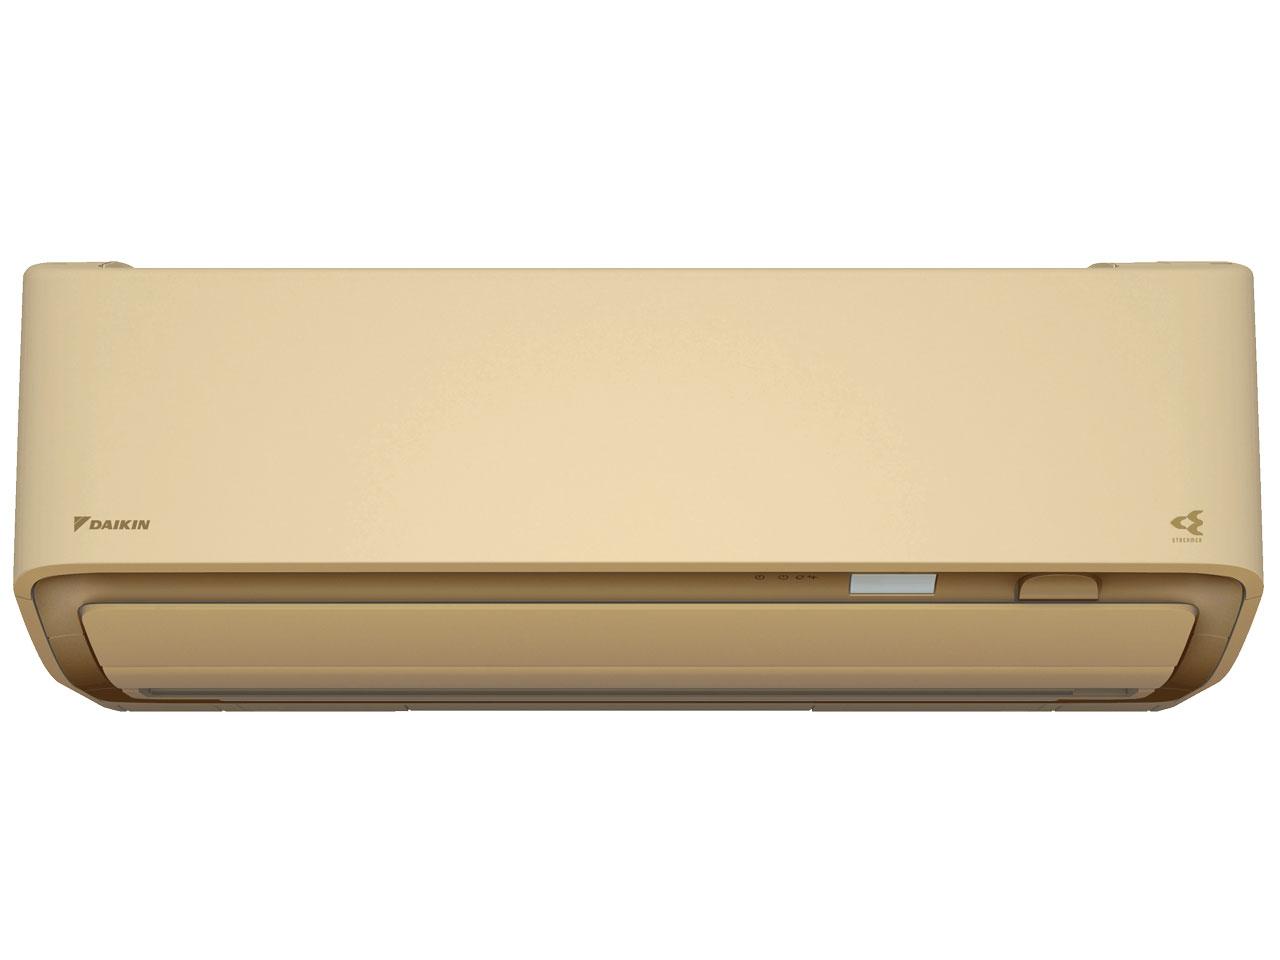 ダイキン 19年モデル DXシリーズ S63WTDXP-C 【200V用】20畳用冷暖房除湿エアコン